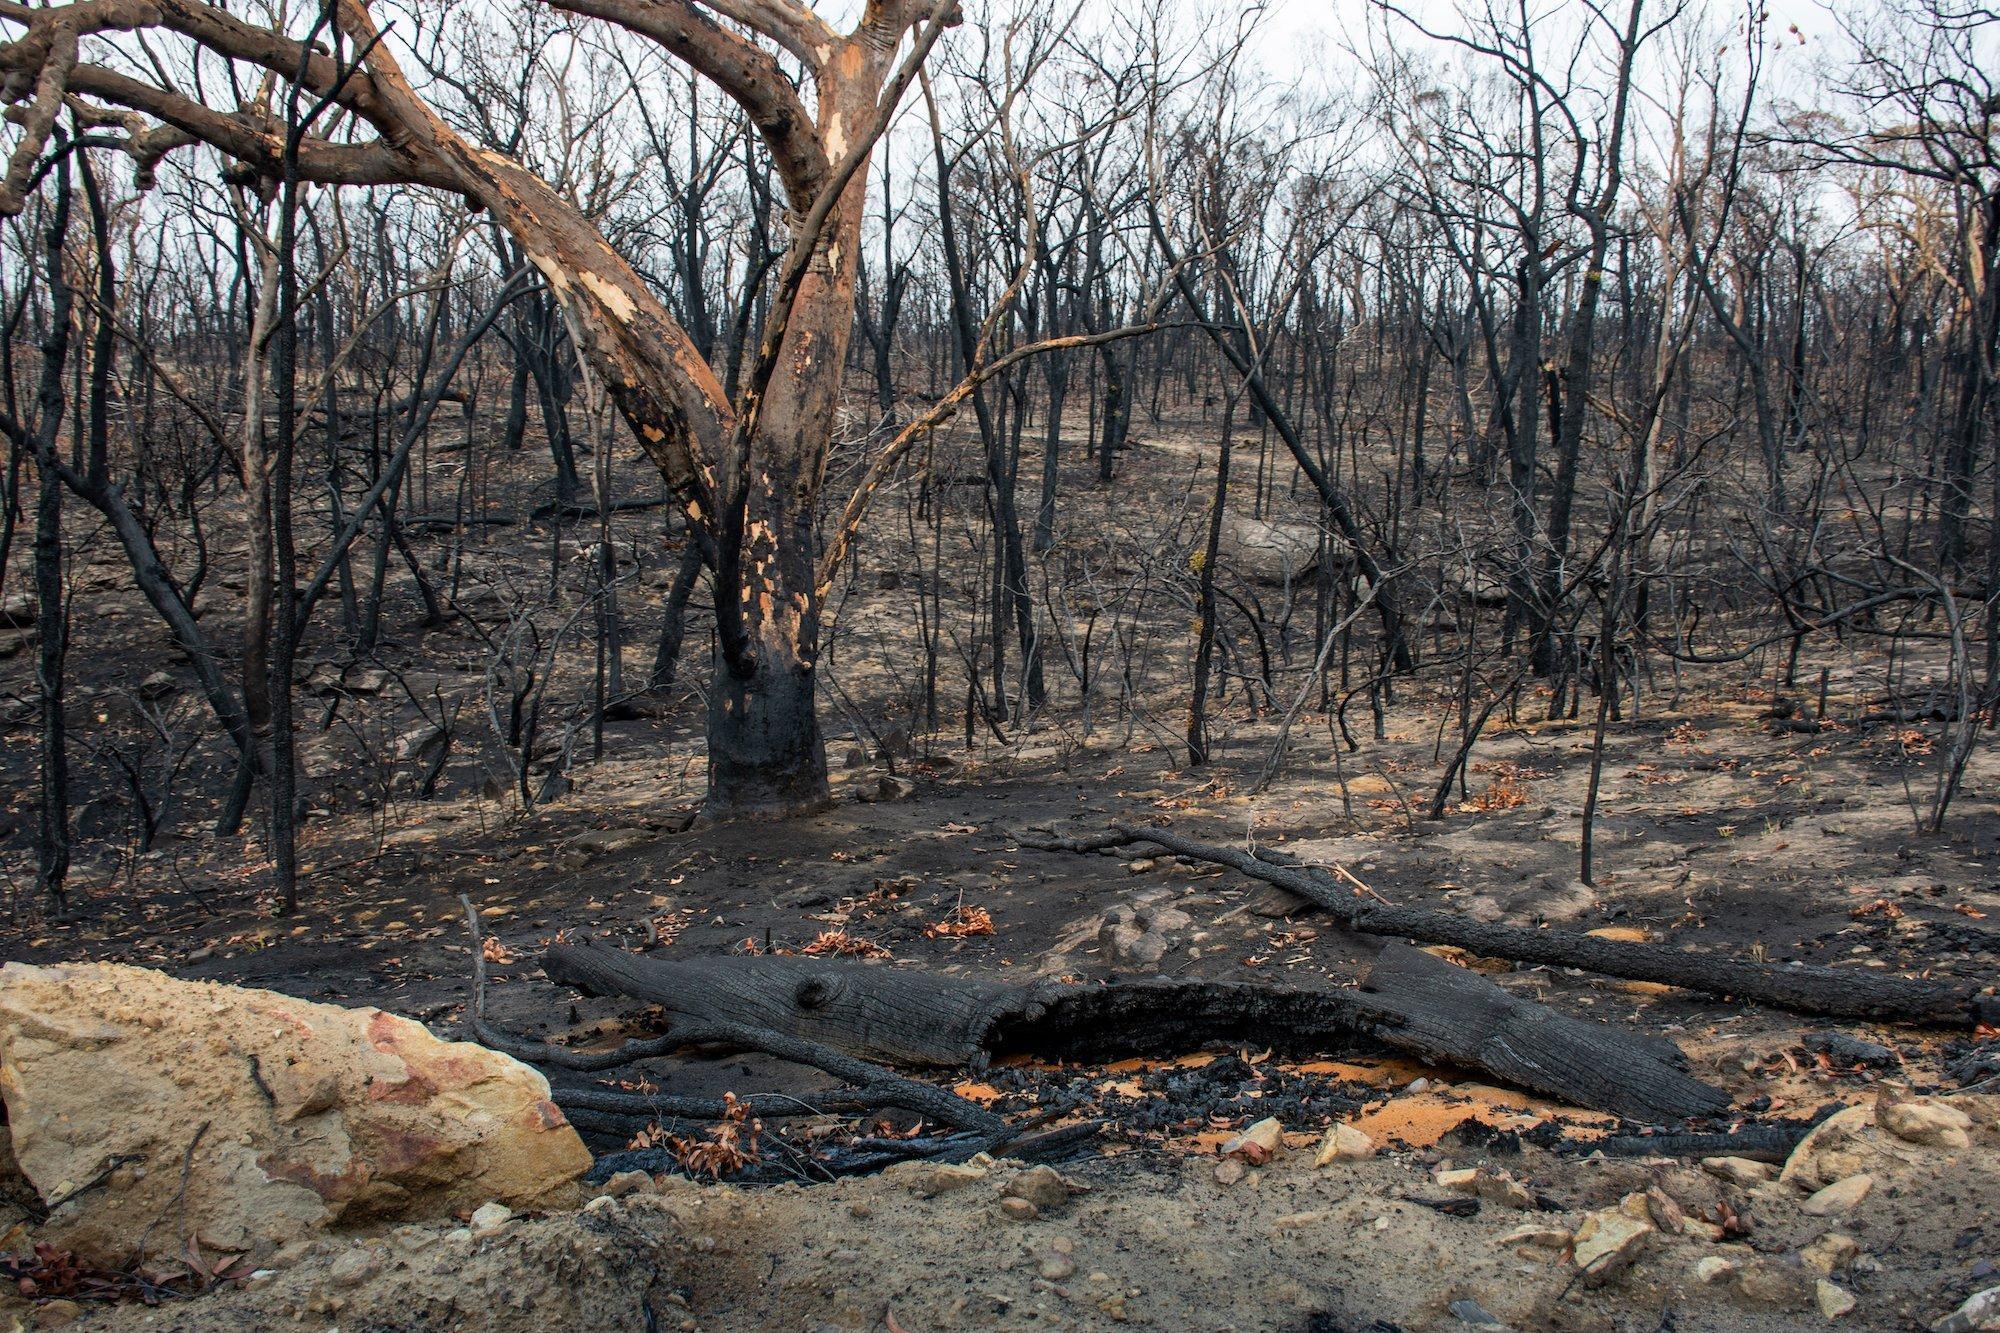 Überreste eines abgebrannten Eukalytuswald.